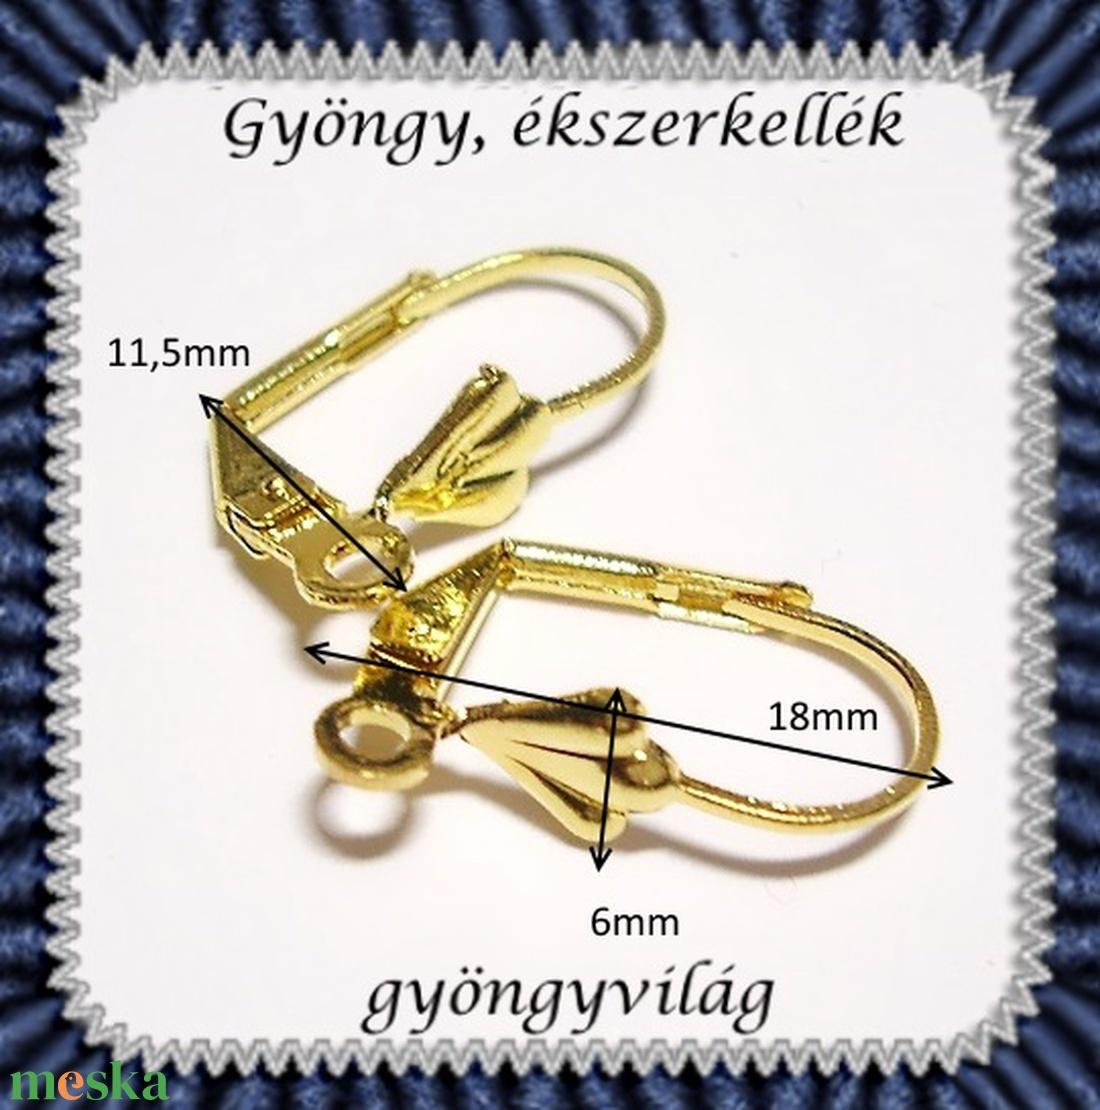 Biztonsági kapccsos fülbevaló alap 10 pár BFK-K01 A - gyöngy, ékszerkellék - egyéb alkatrész - Meska.hu